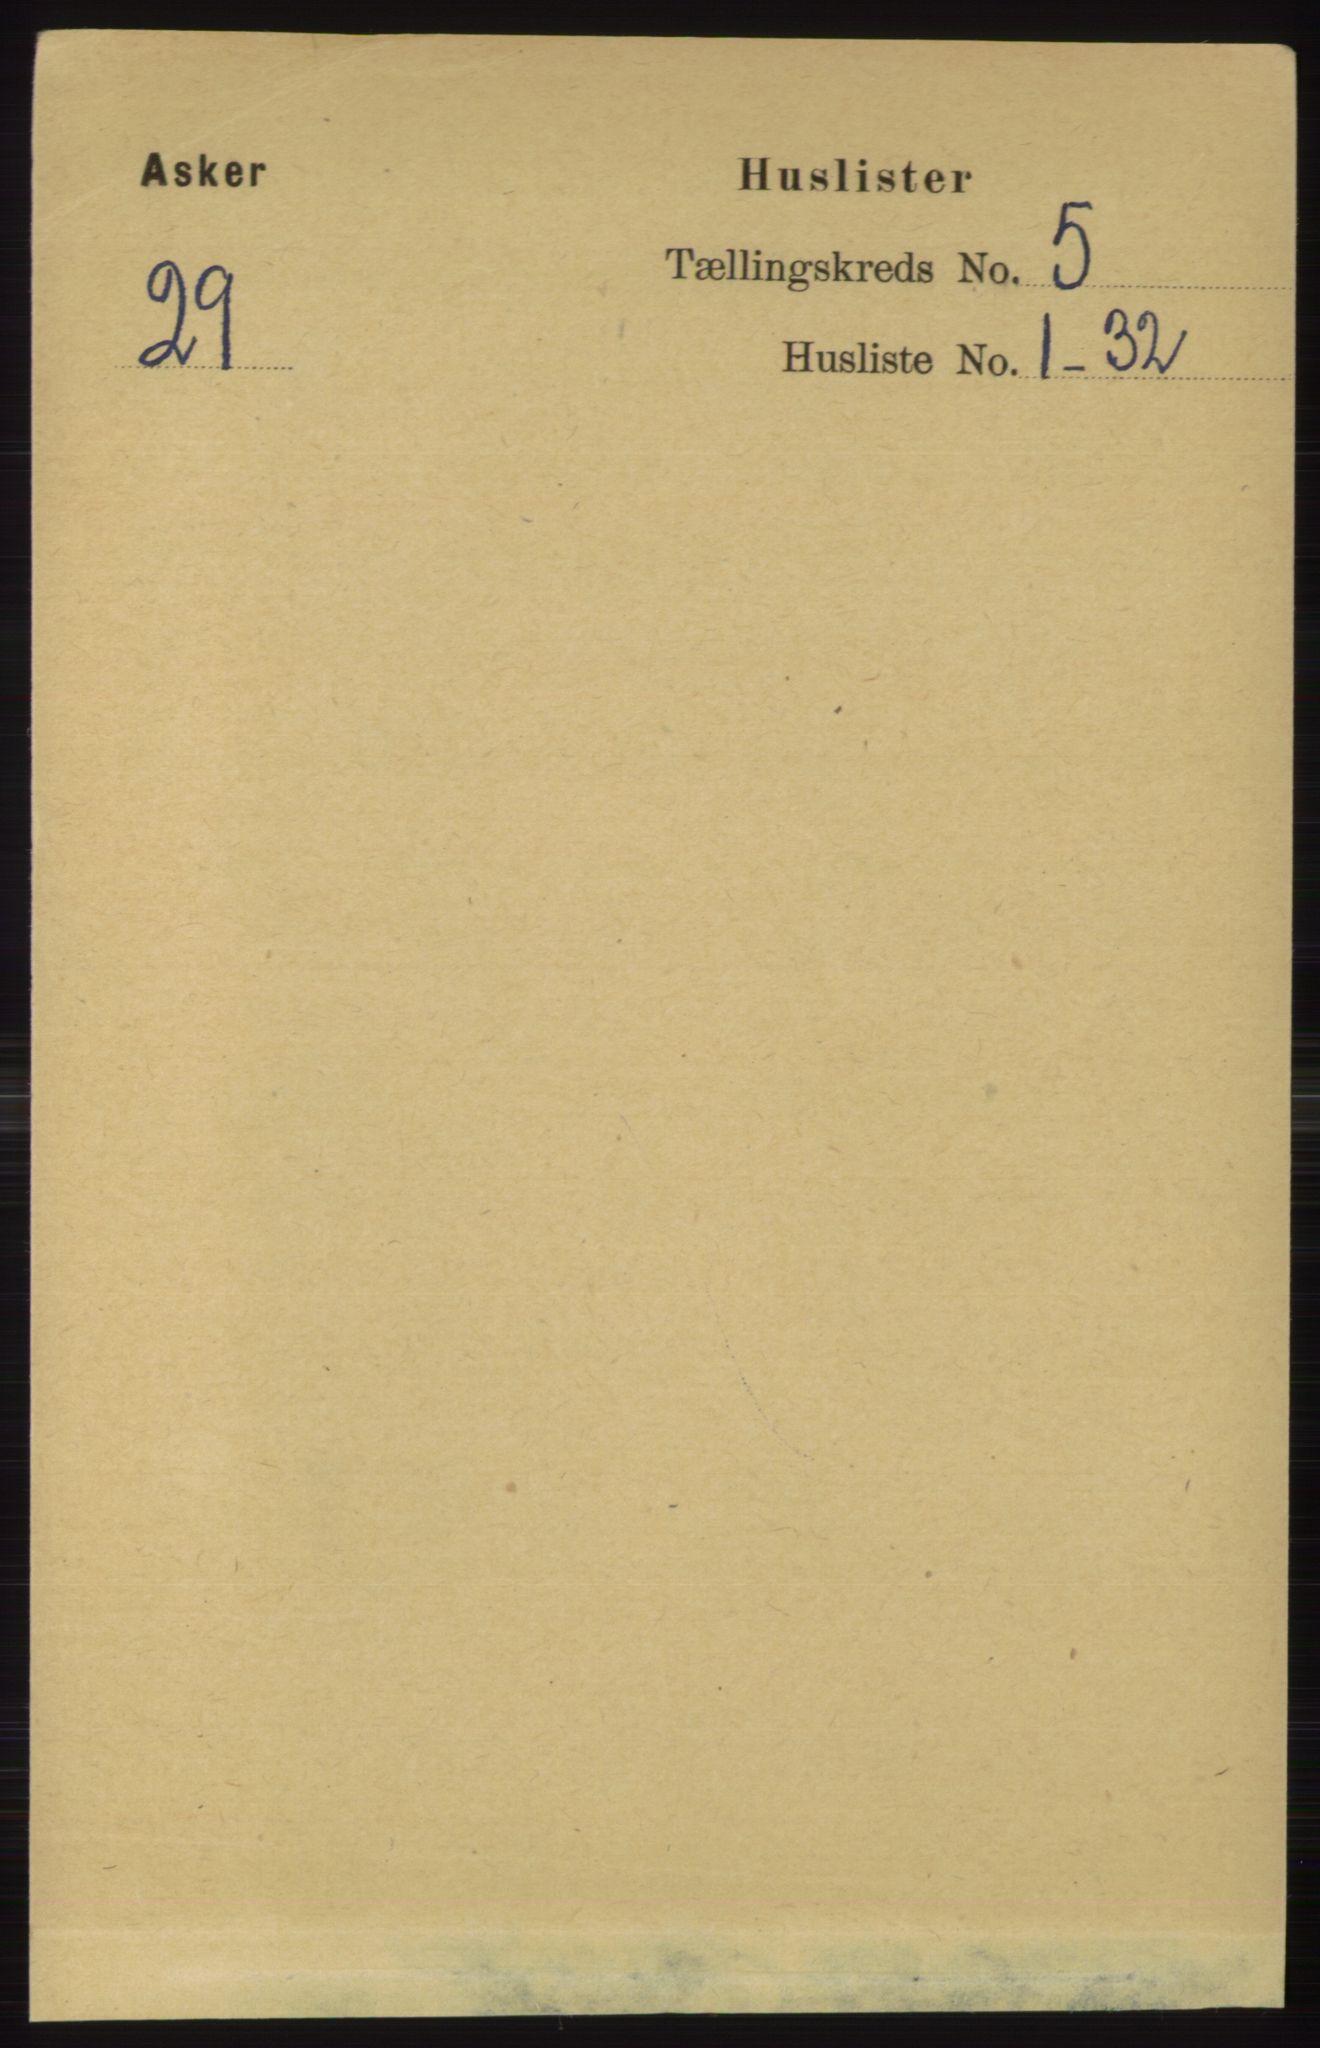 RA, Folketelling 1891 for 0220 Asker herred, 1891, s. 3631